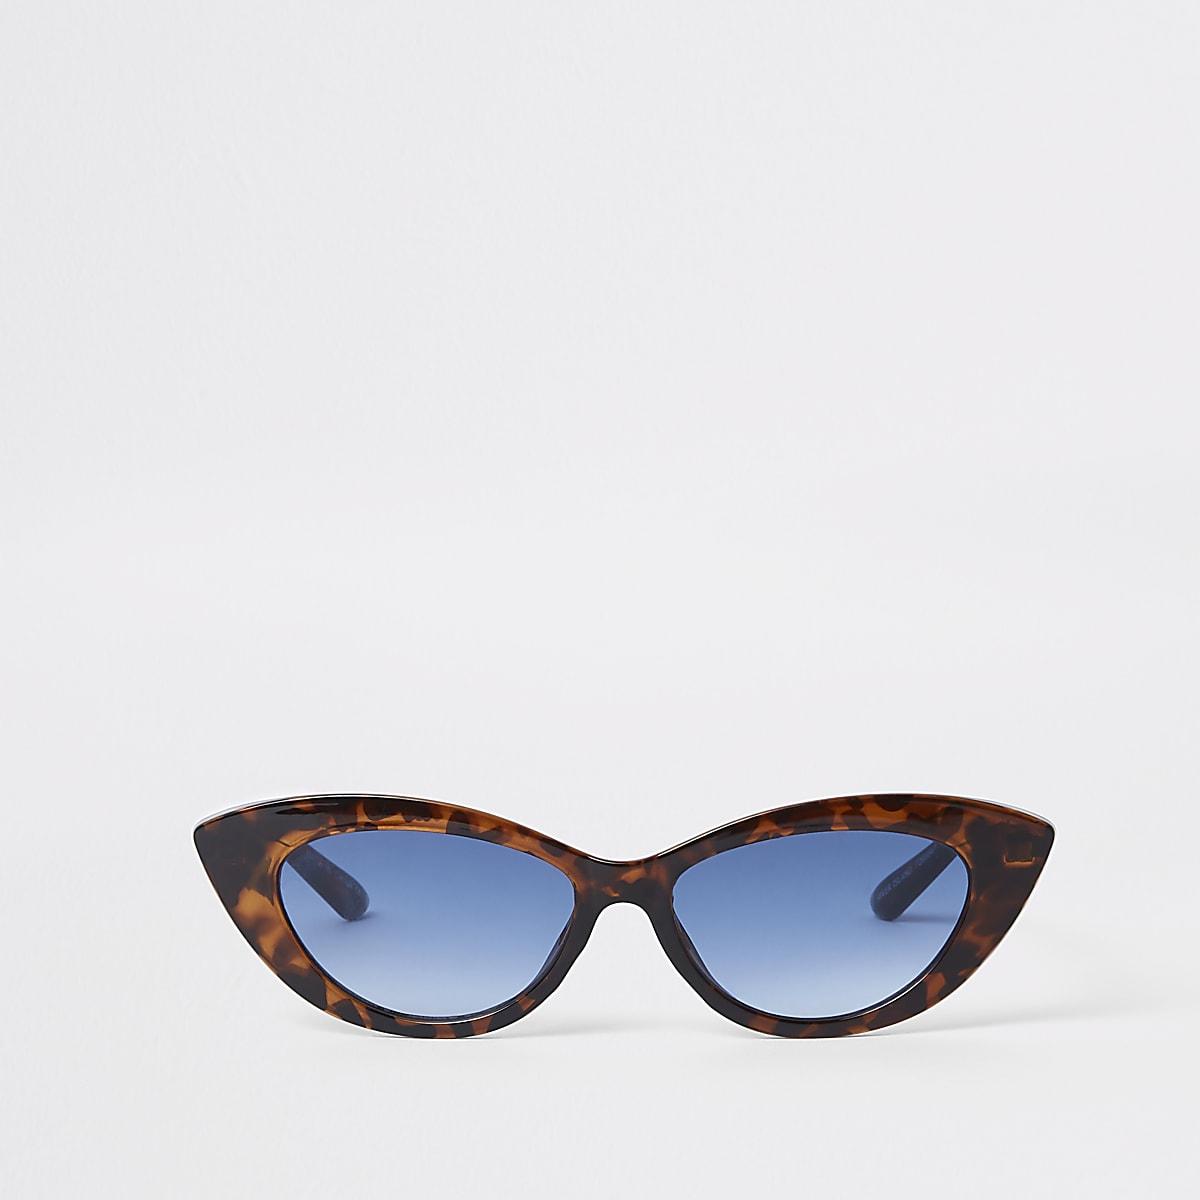 Brown tortoise shell print visor sunglasses